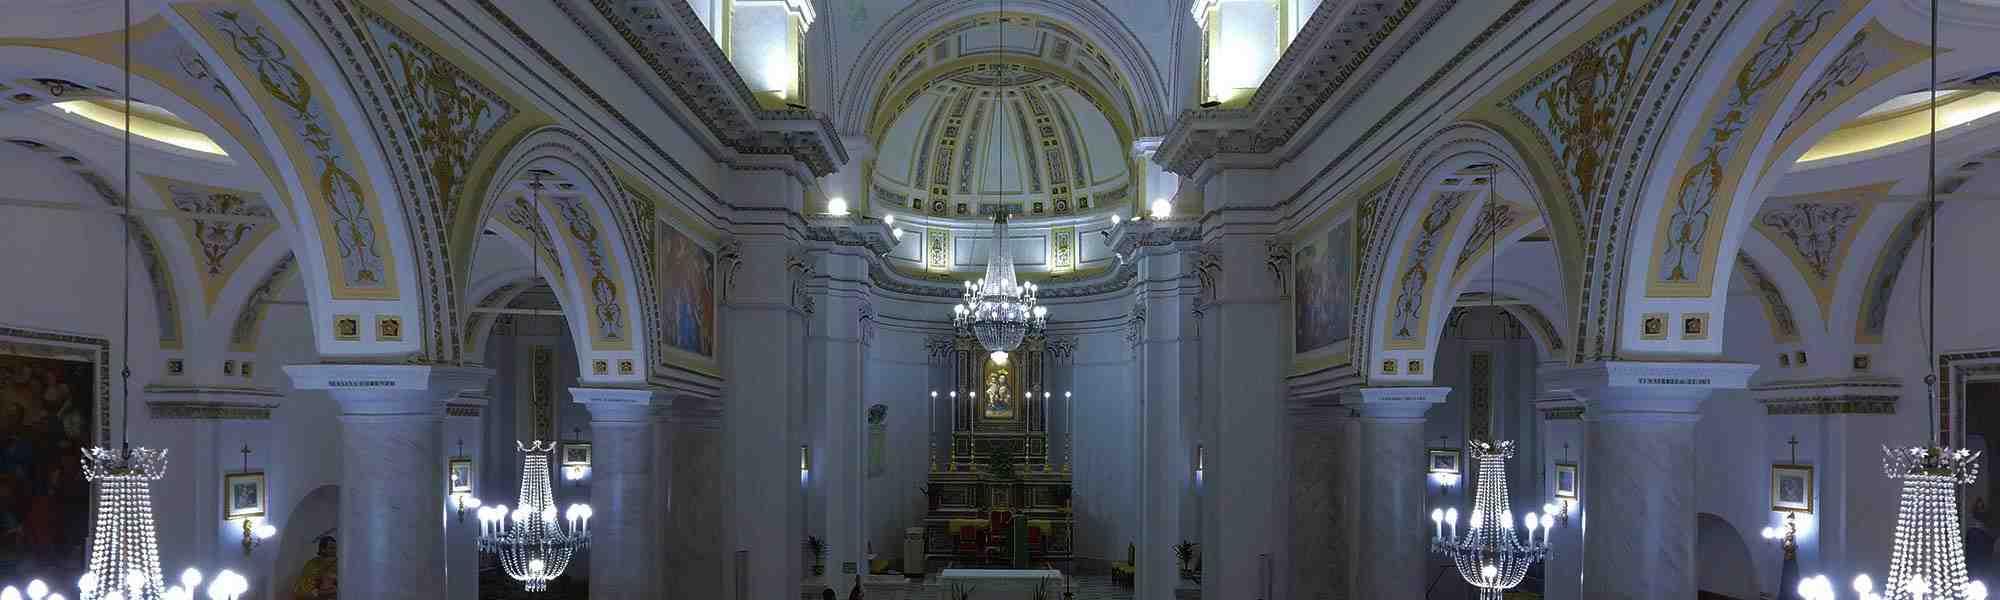 Interno Chiesa Madre Di Mirabella Imbaccari